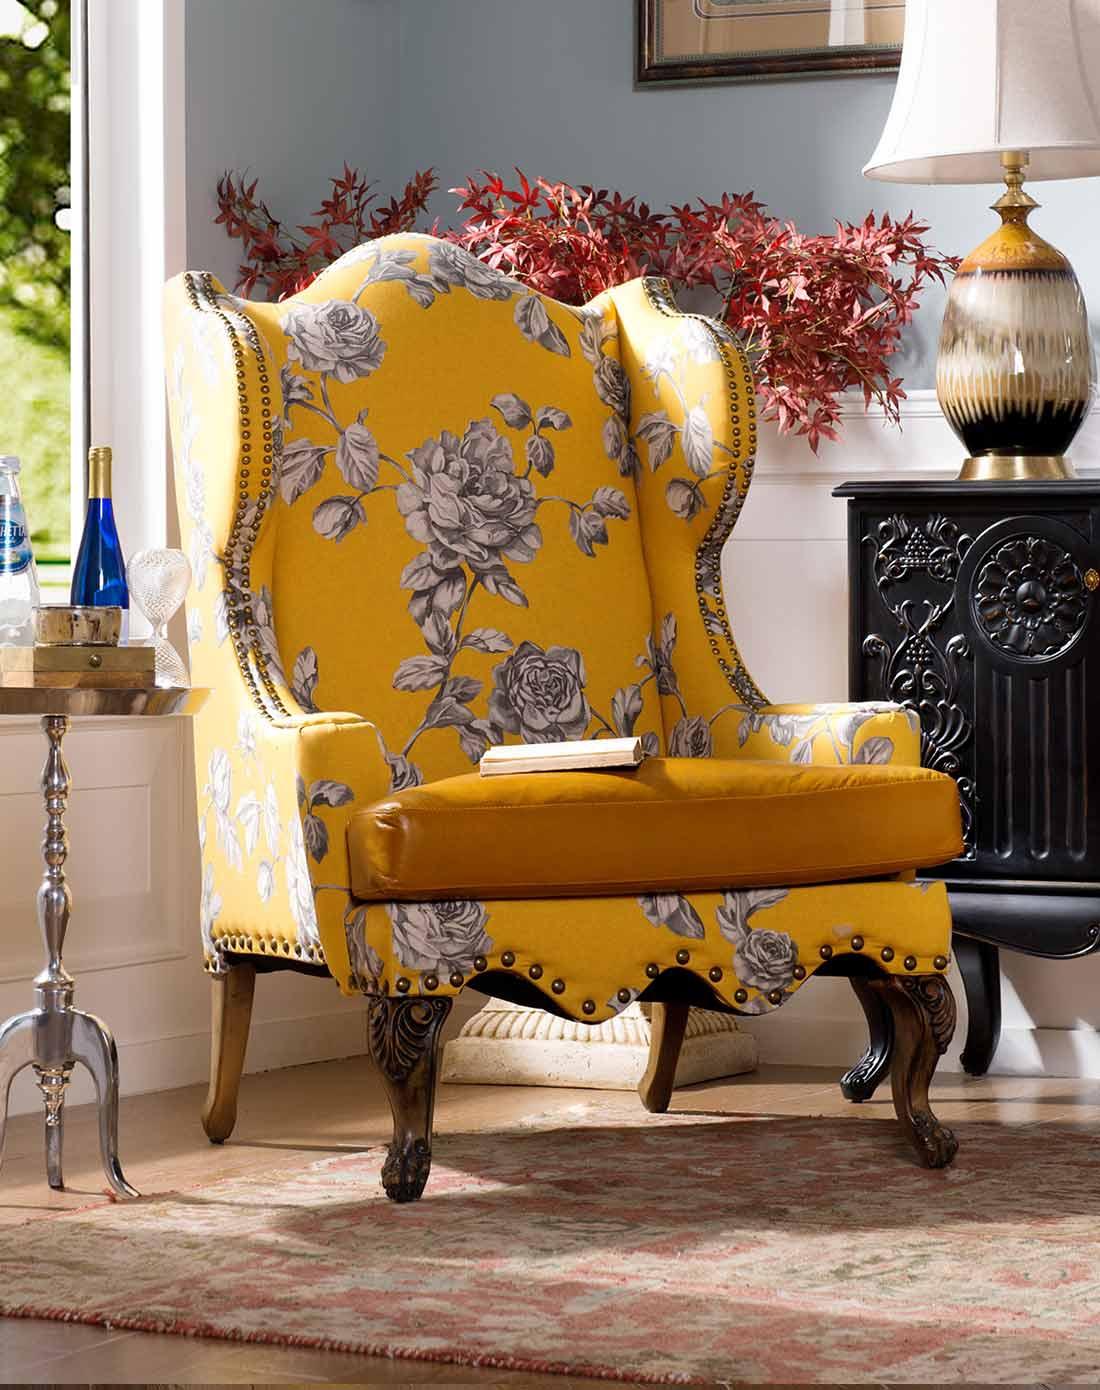 进口头层牛皮黄色布艺单人沙发椅